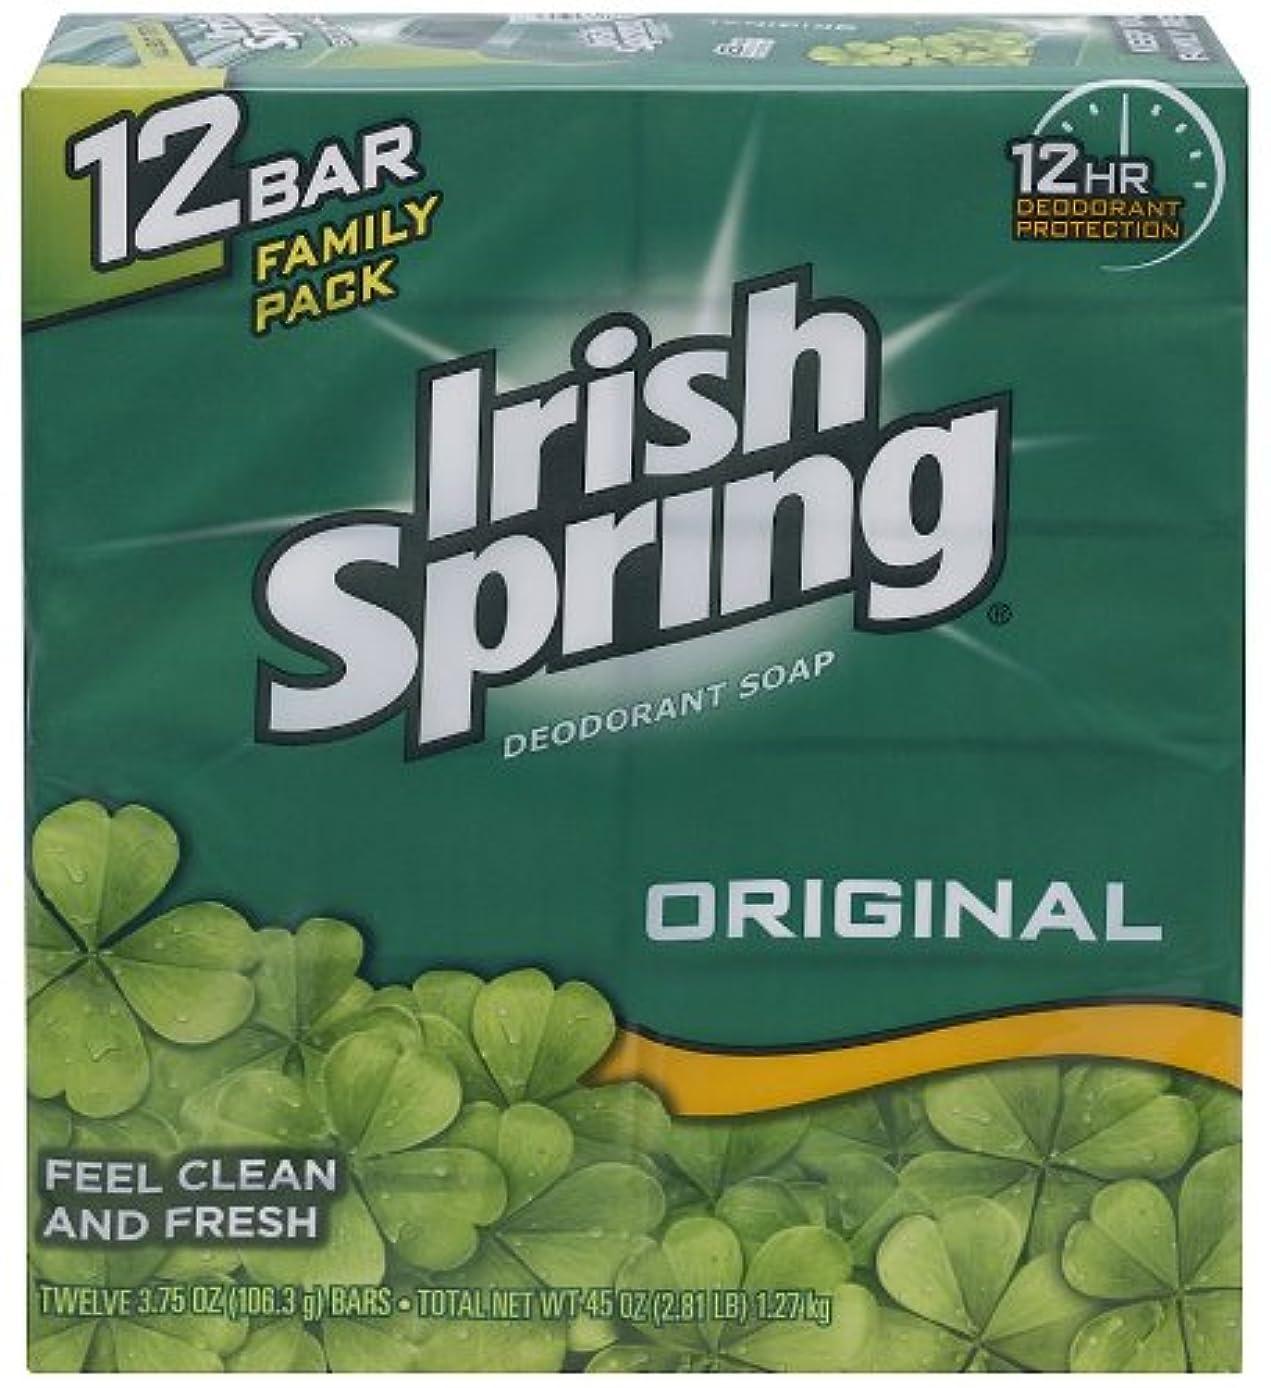 不完全な不機嫌そうな驚いたIrish Spring 入浴石鹸、オリジナル、3.75オズ。バー、12カウント